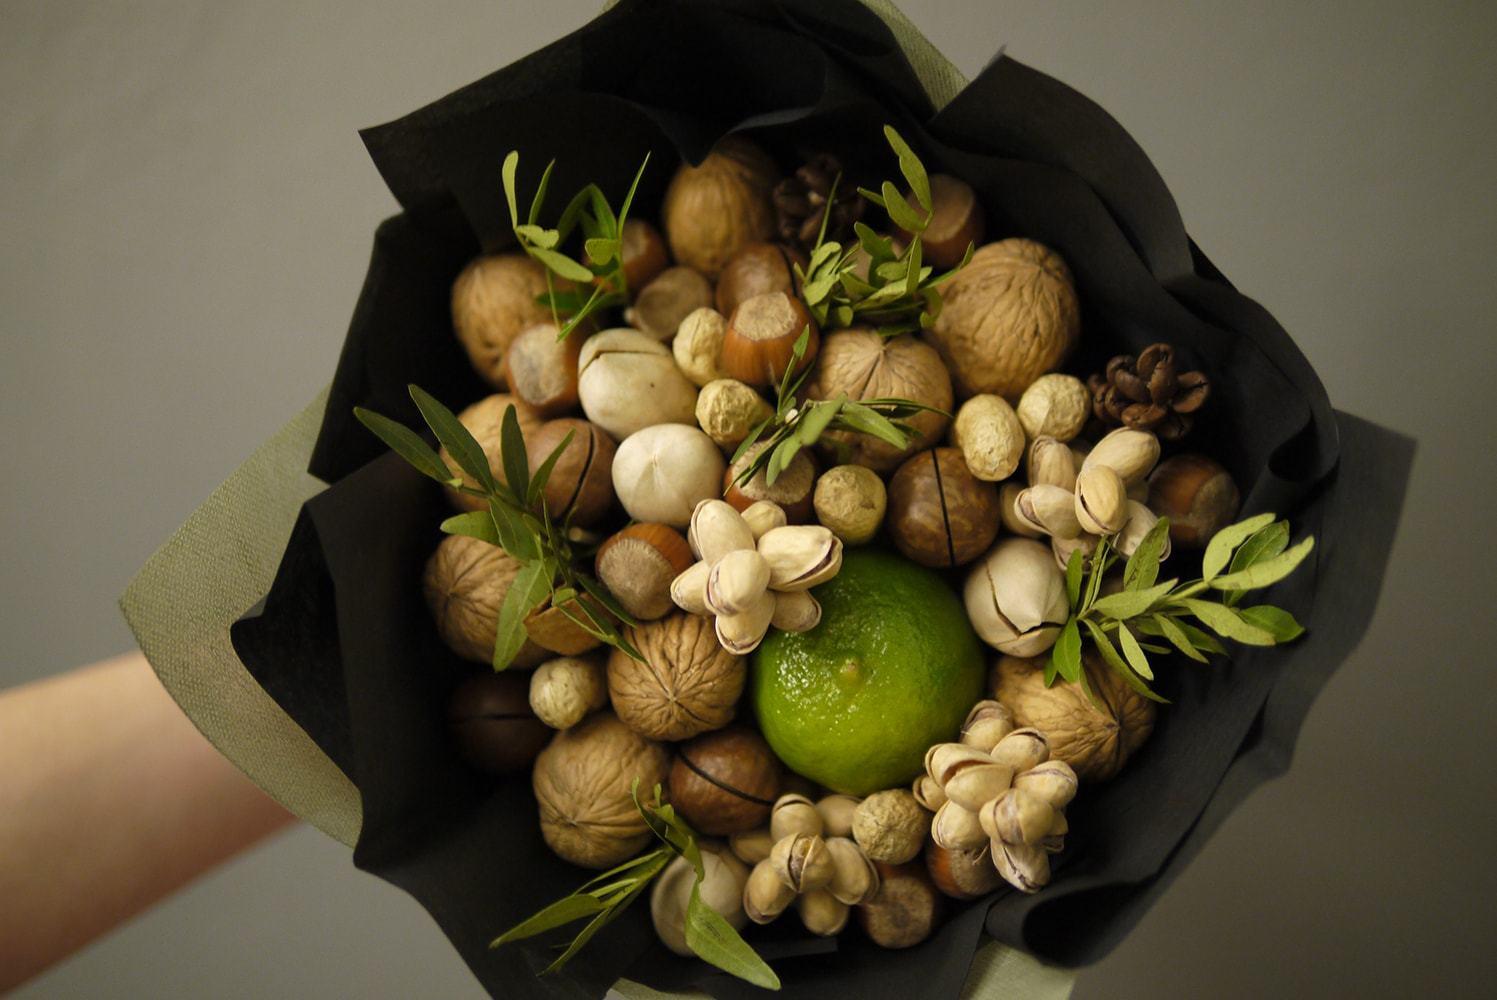 Мужские букеты нижний новгород, купить сушеные цветы